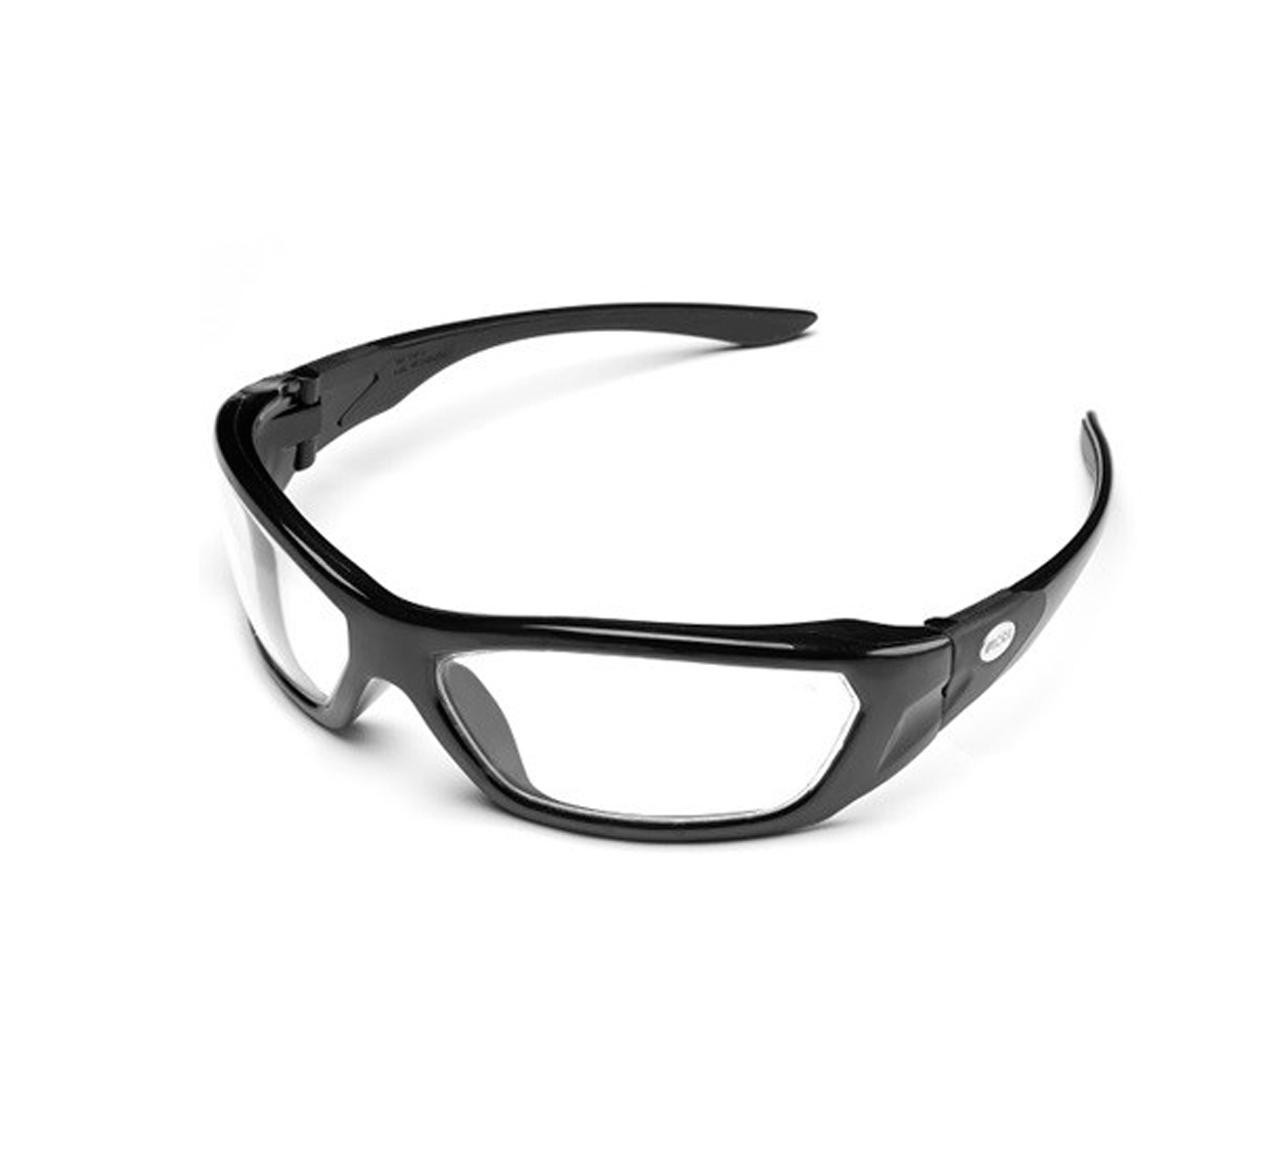 Home Acessórios Óculos. Óculos de Proteção FLEX lente incolor 2c23e876bf